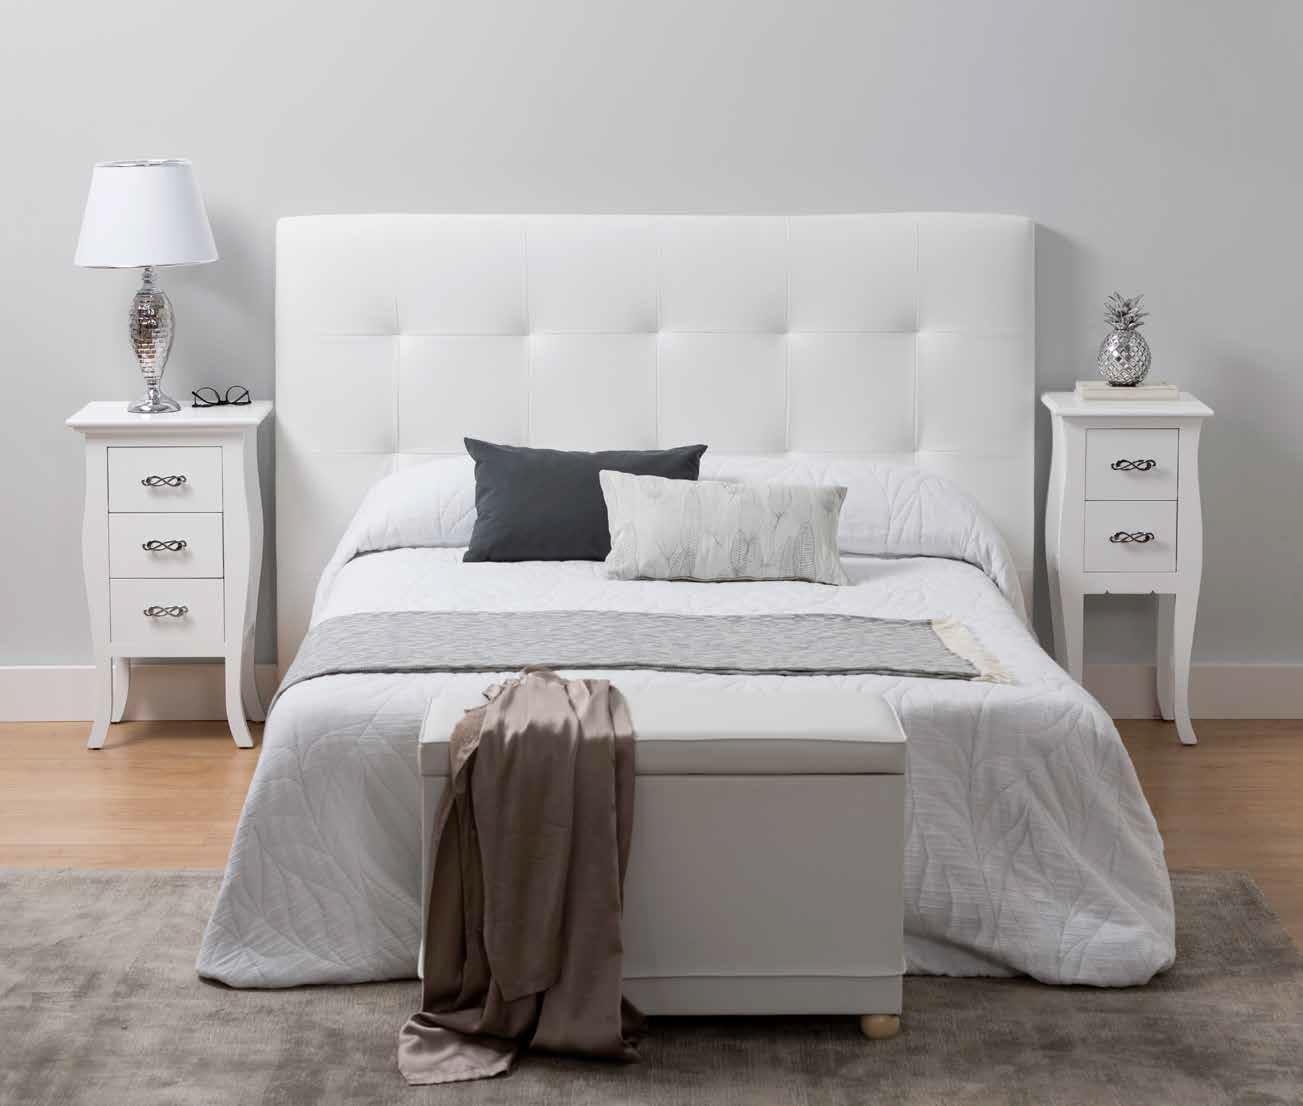 cabeceros-tapizados-general-muebles-paco-caballero-112-5cae257e25007